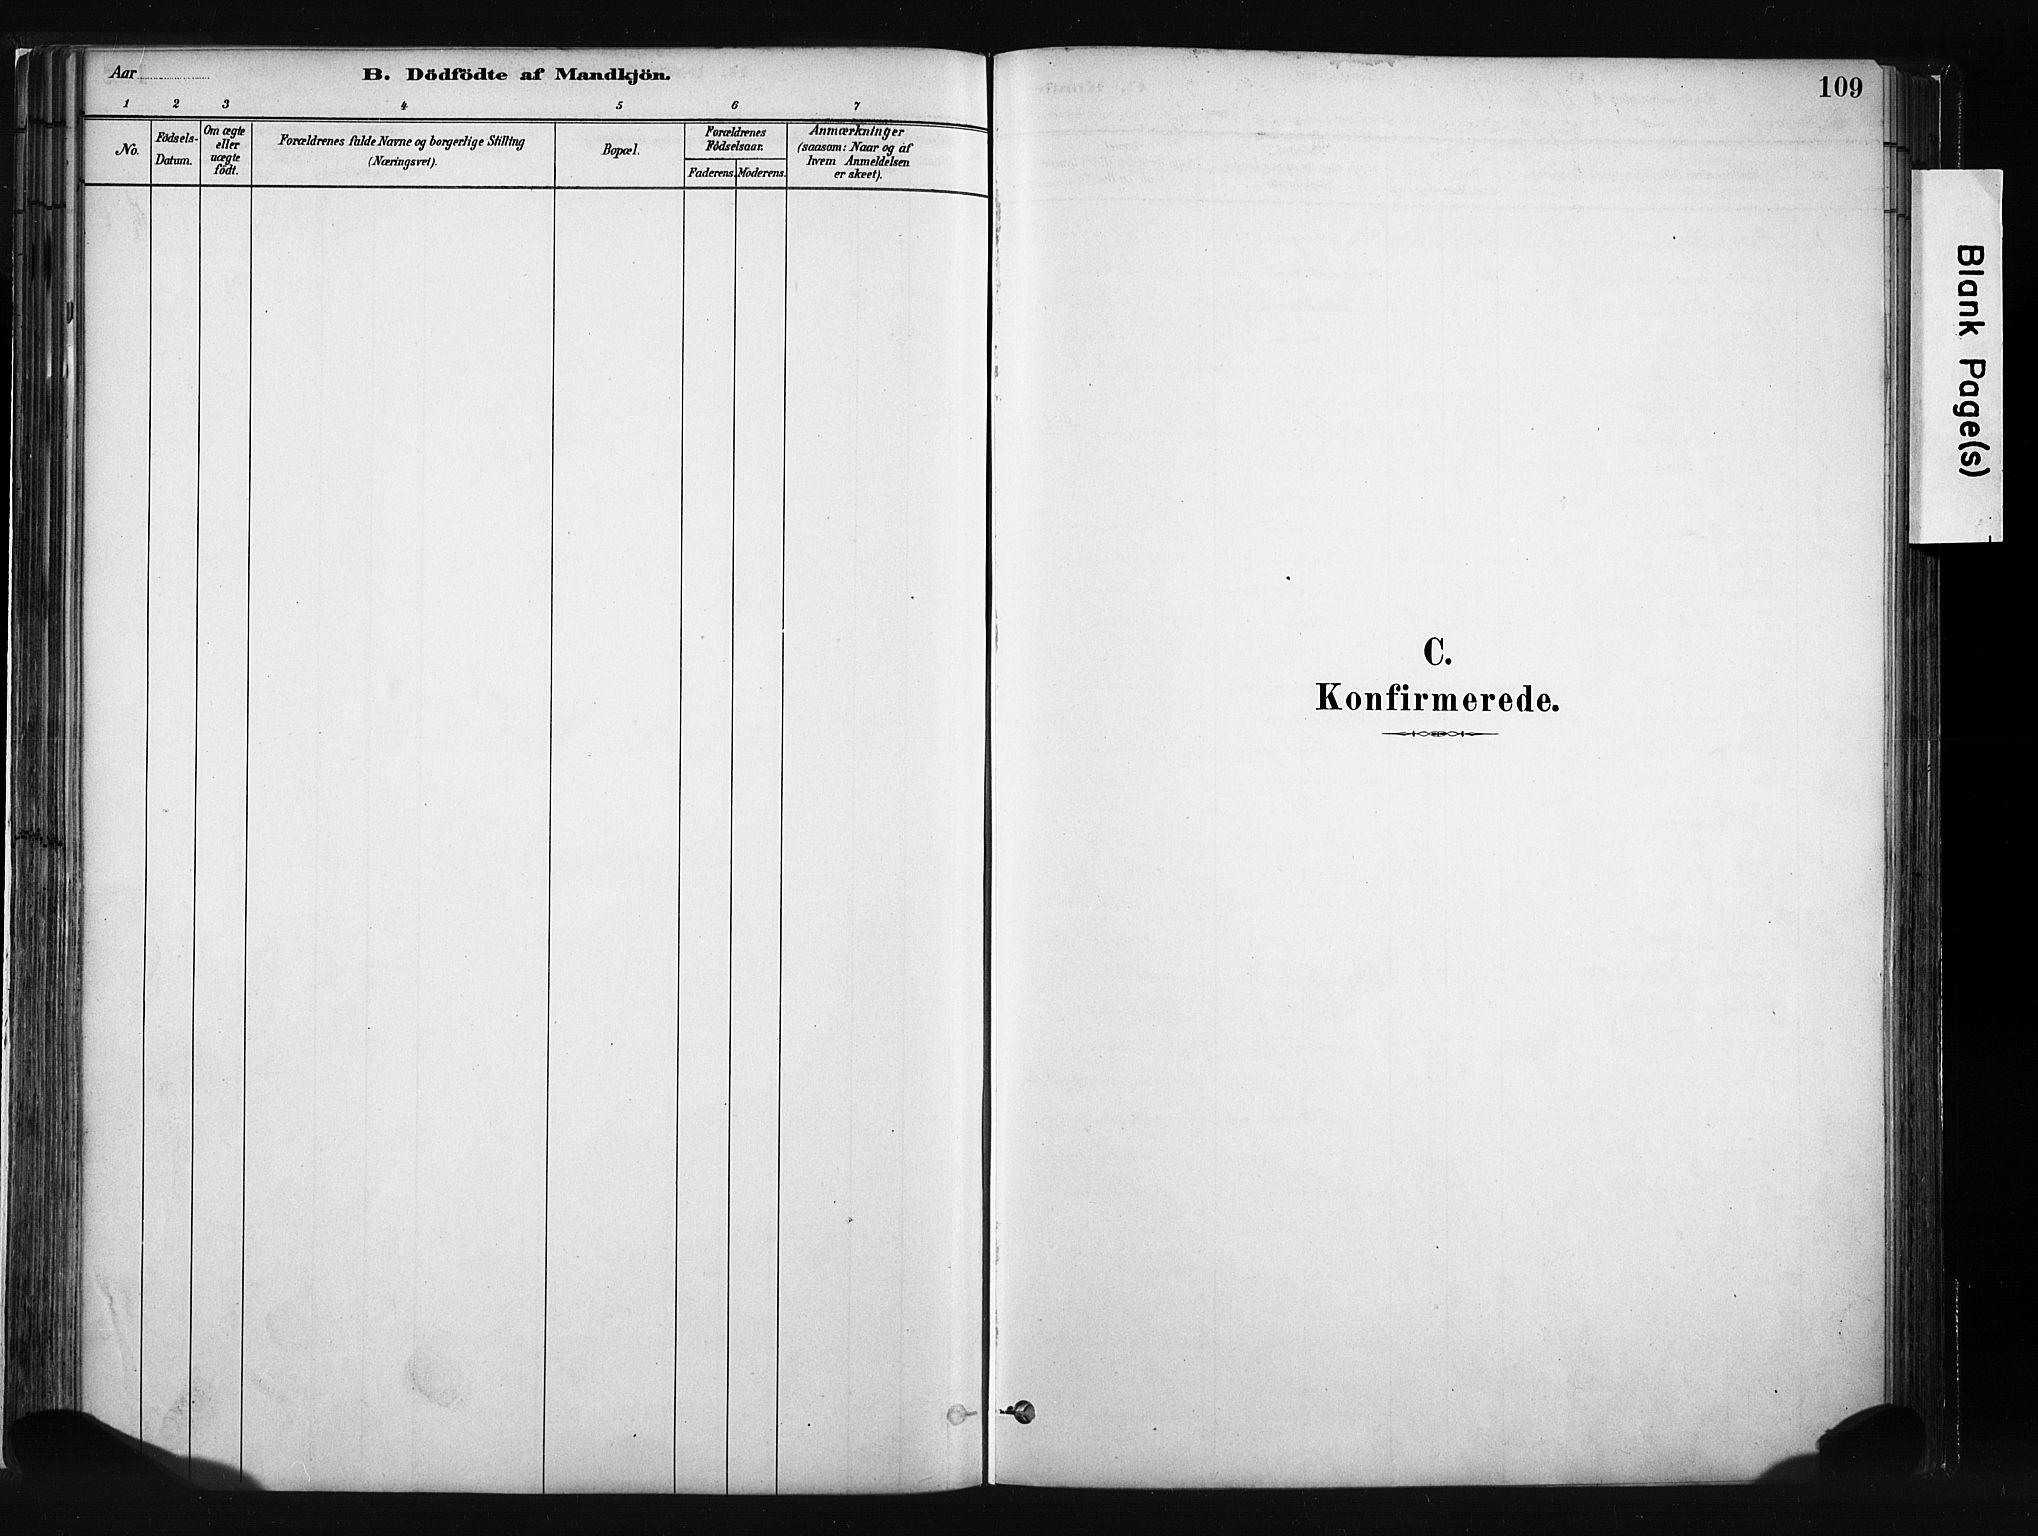 SAH, Vang prestekontor, Valdres, Ministerialbok nr. 8, 1882-1910, s. 109